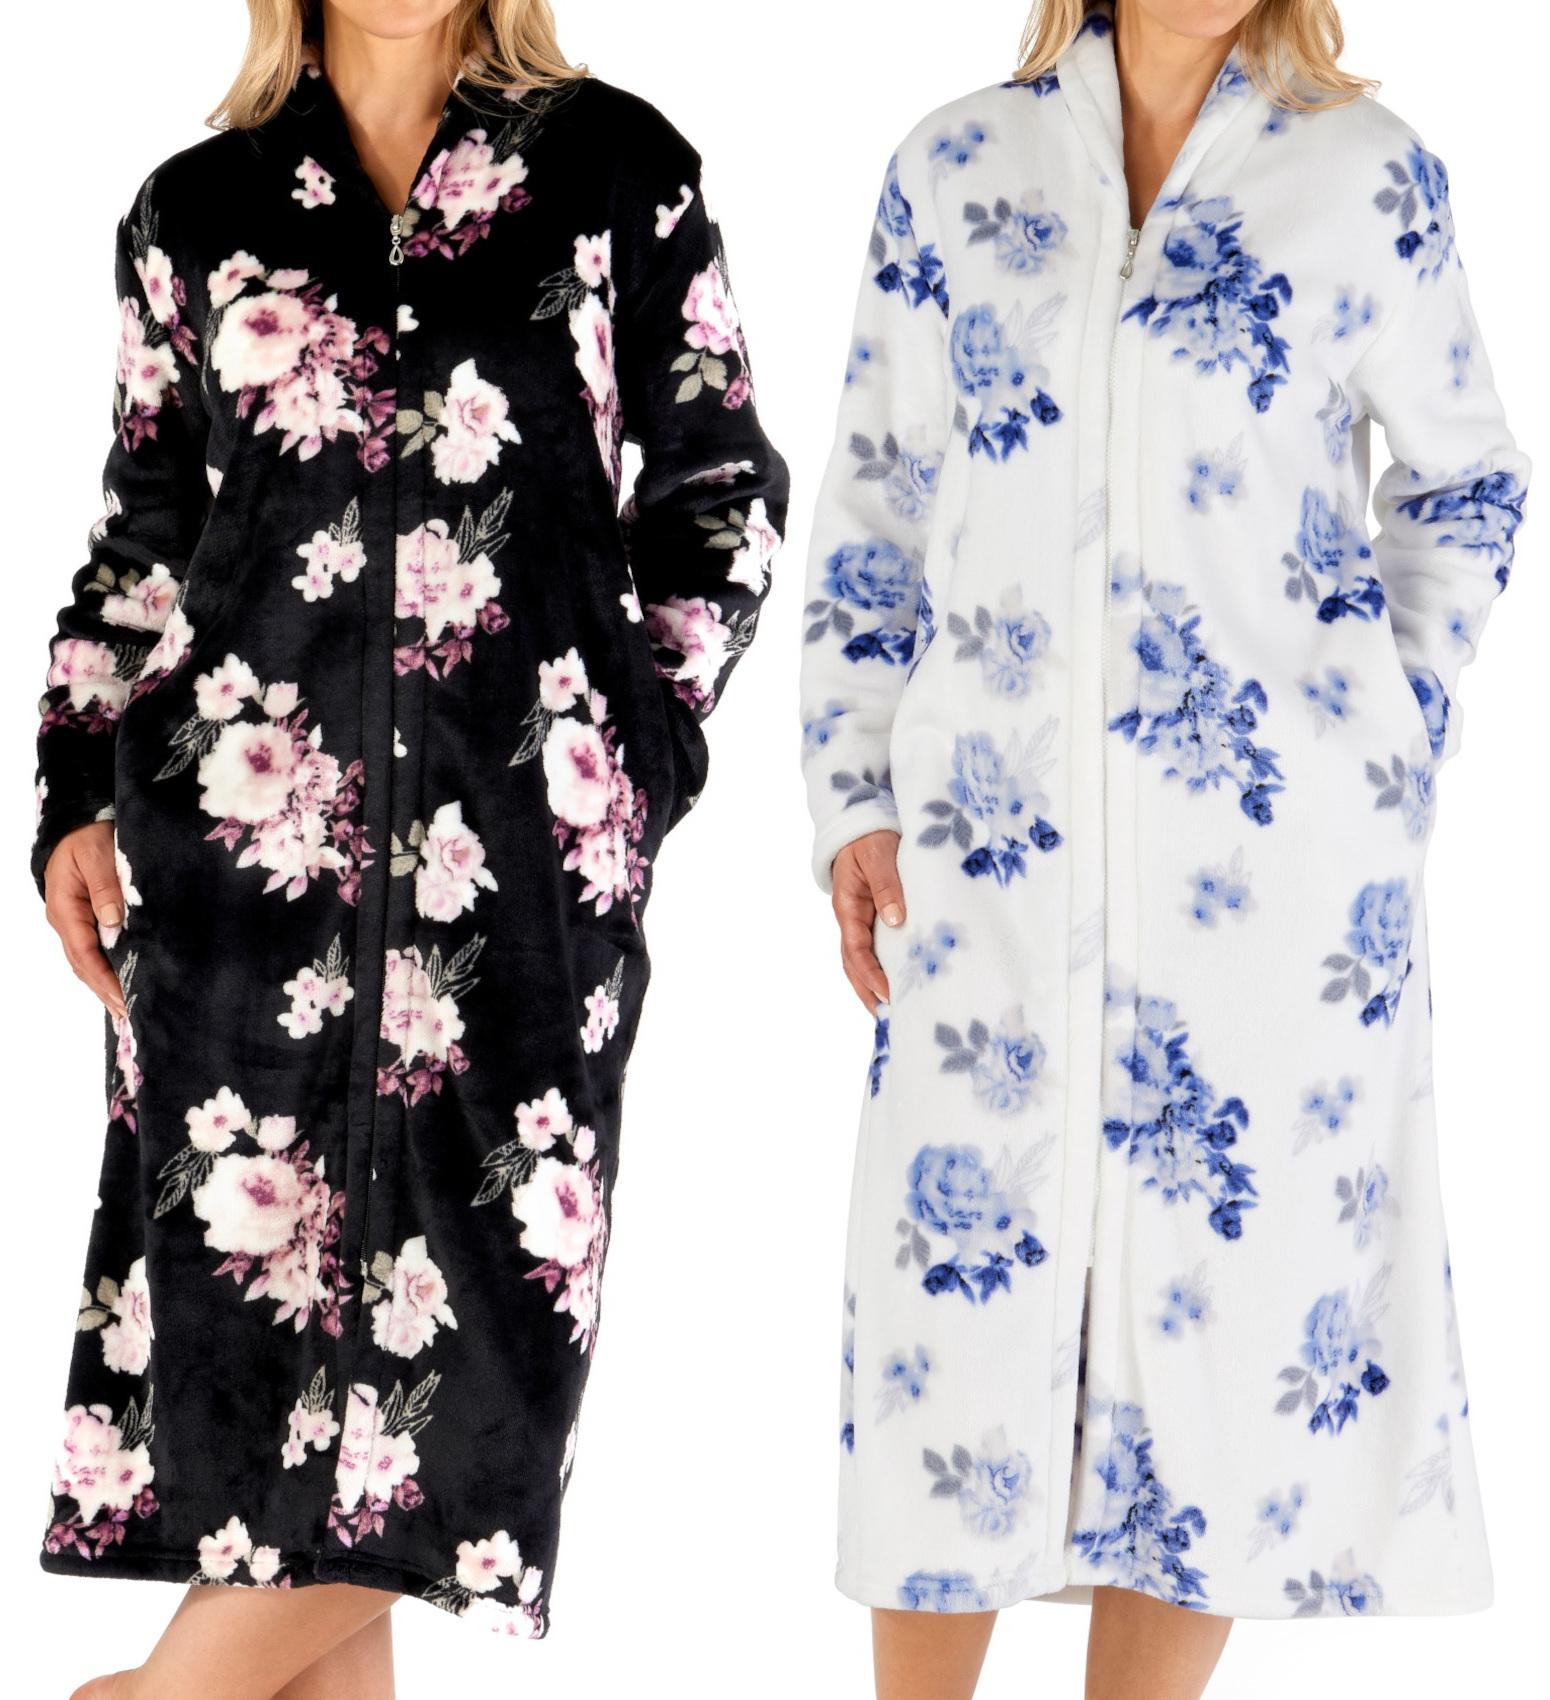 Femmes Floral Fermeture Eclair Robe De Chambre Souple Flanelle Polaire Peignoir Ebay